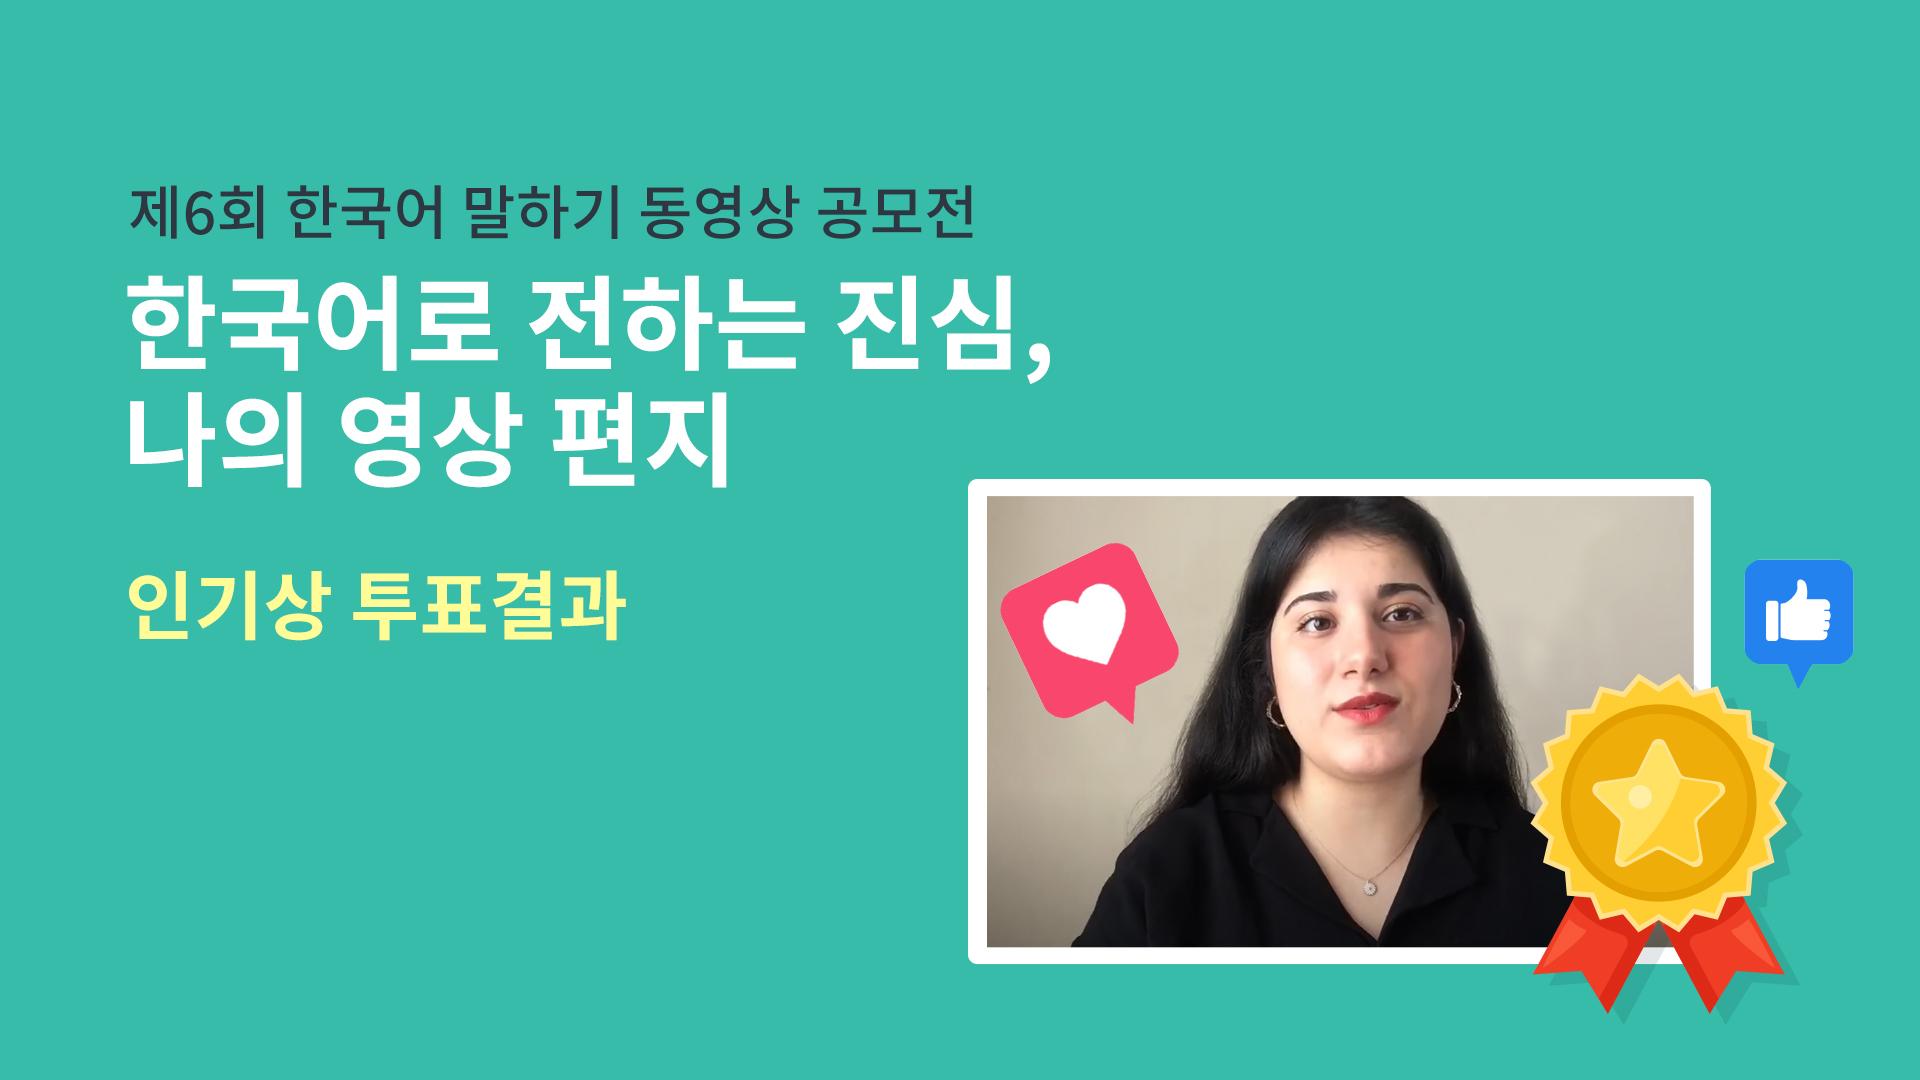 제6회 한국어 말하기 동영상 공모전 - 인기상 투표결과